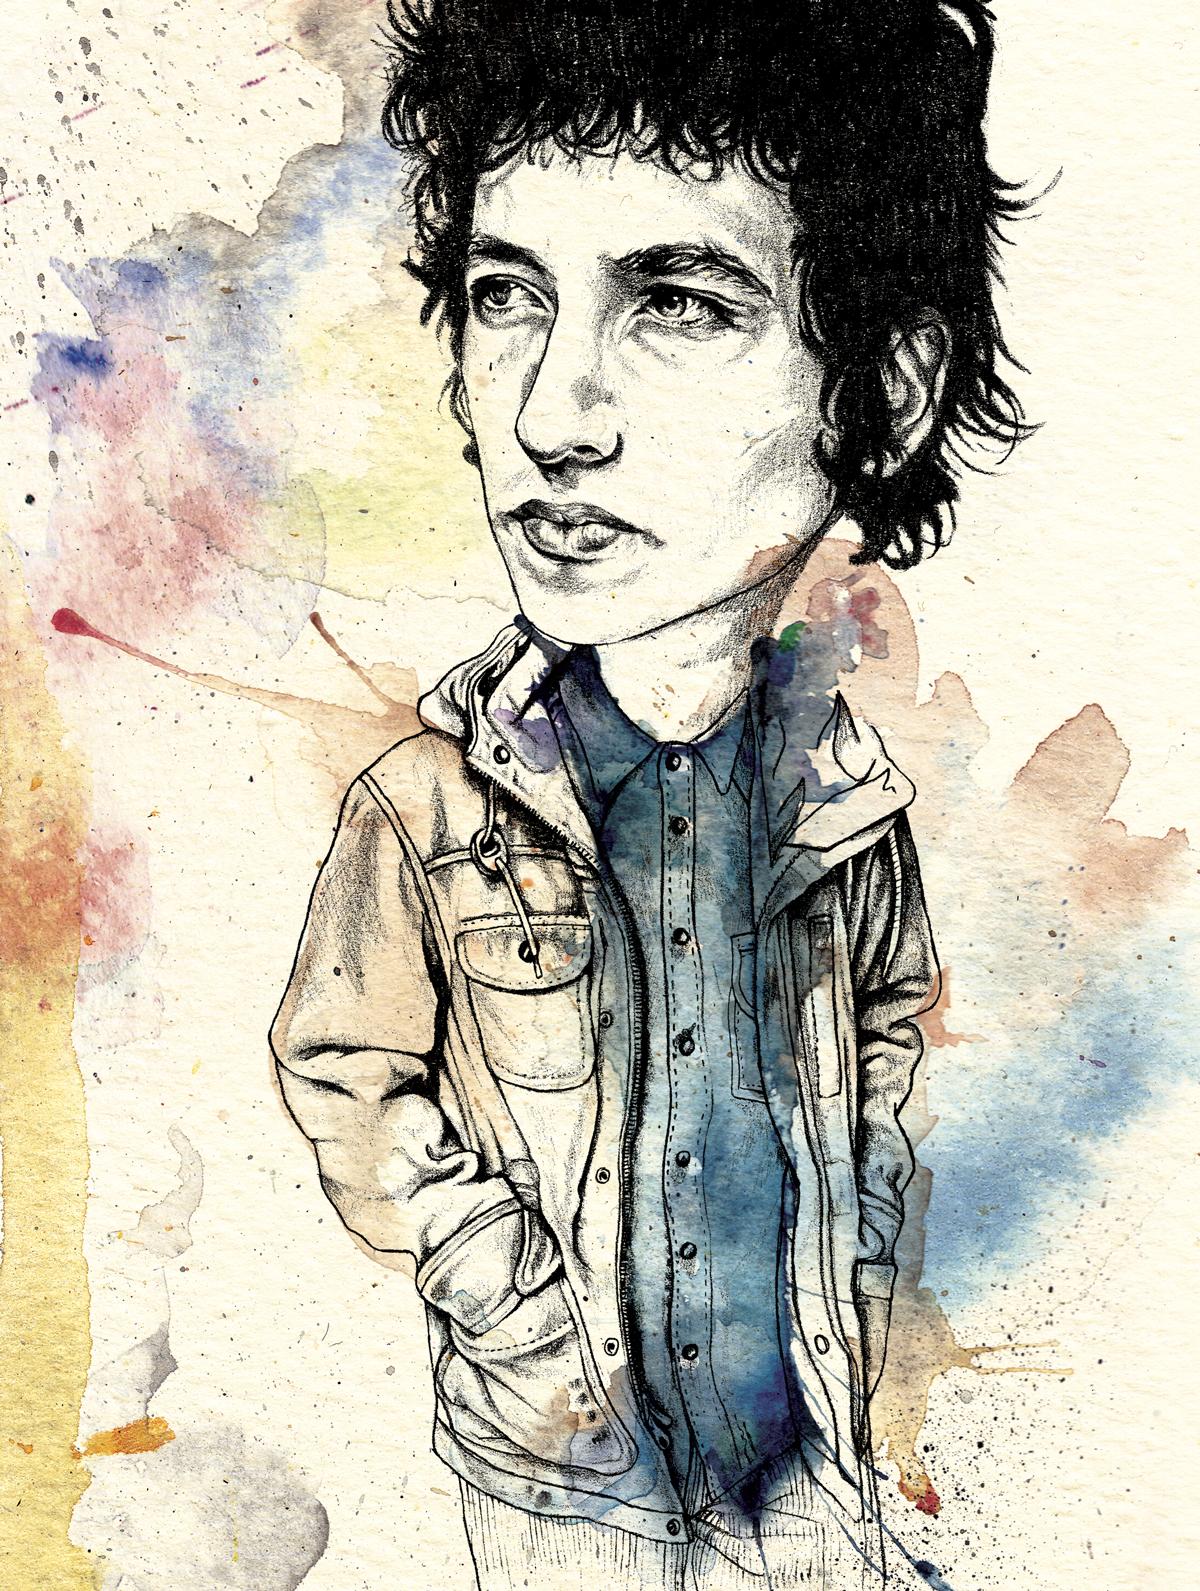 Illustration byRosie Toole